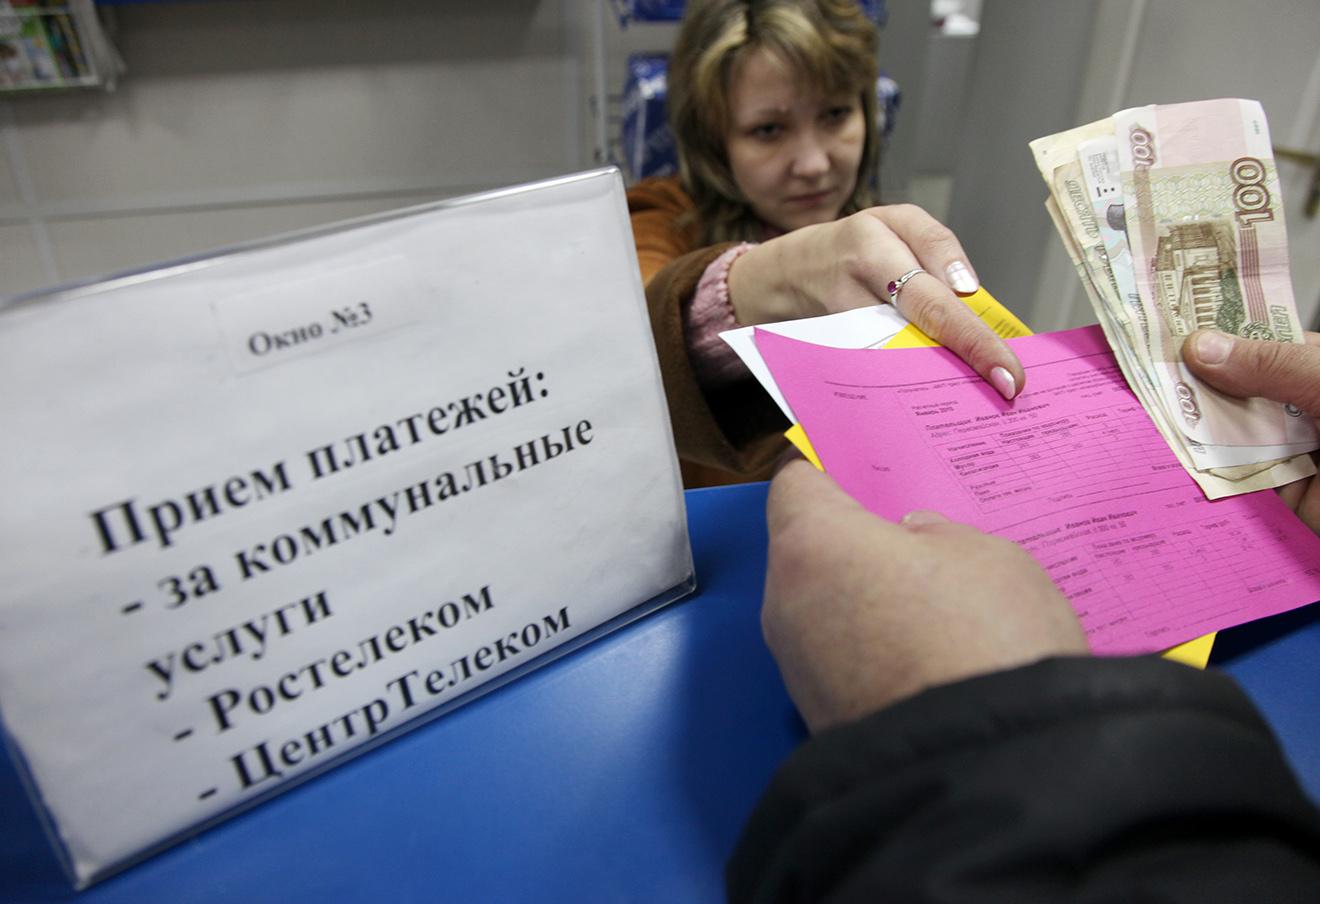 Фото: Александр Рюмин / ТАСС